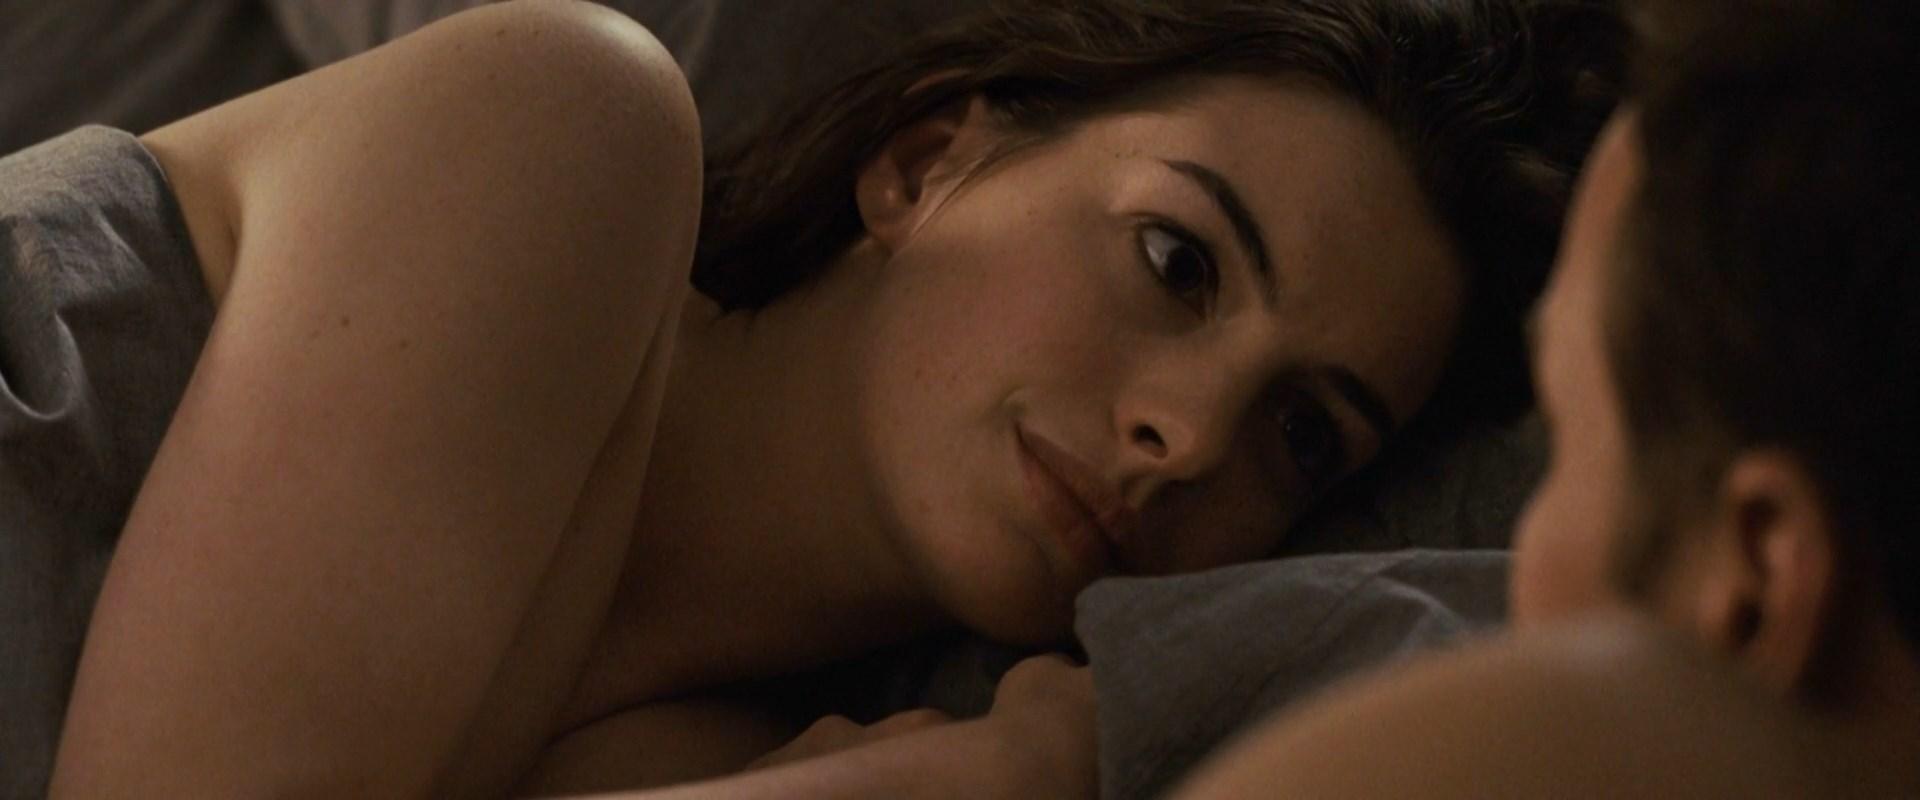 веднамцкаи секс фильм - 9